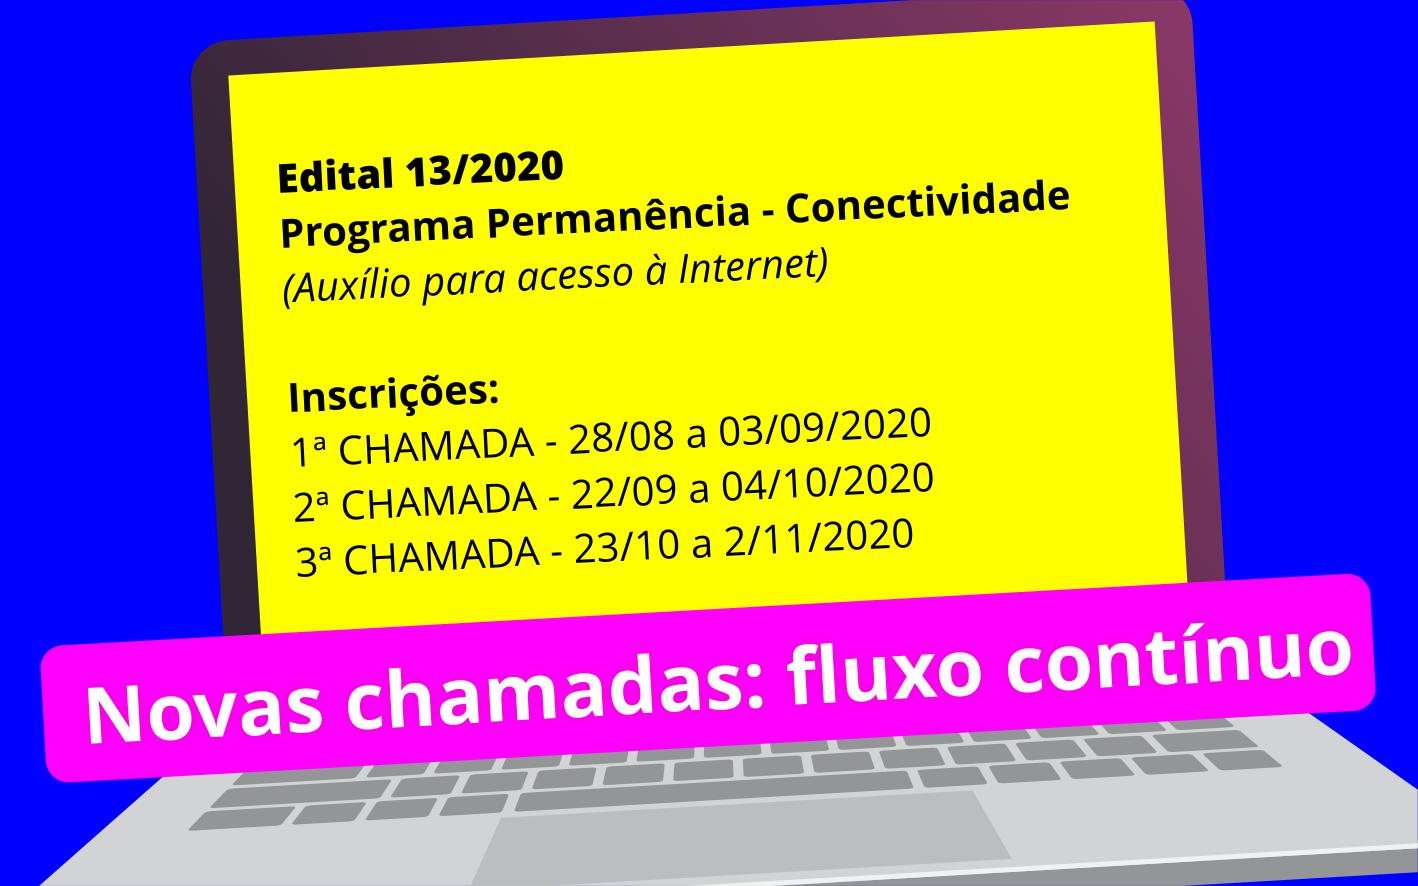 Edital Fluxo Contínuo Conectividade